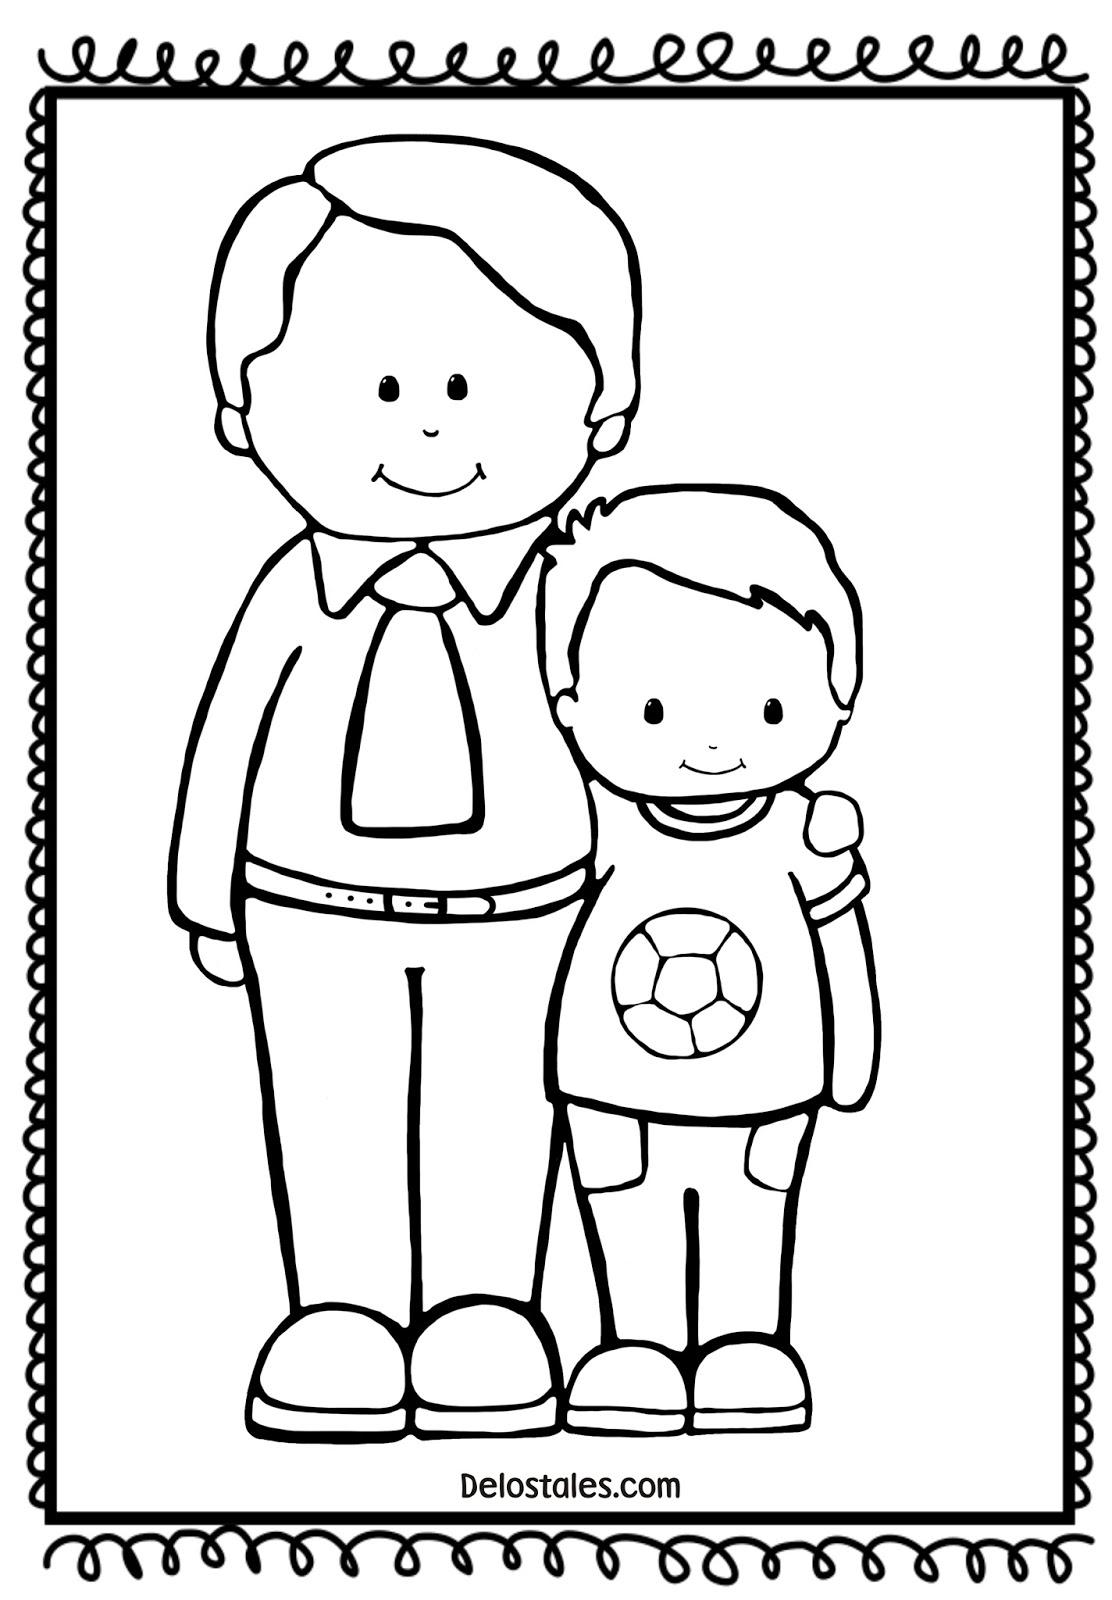 Dibujos Para Colorear Para El Dia Del Padre